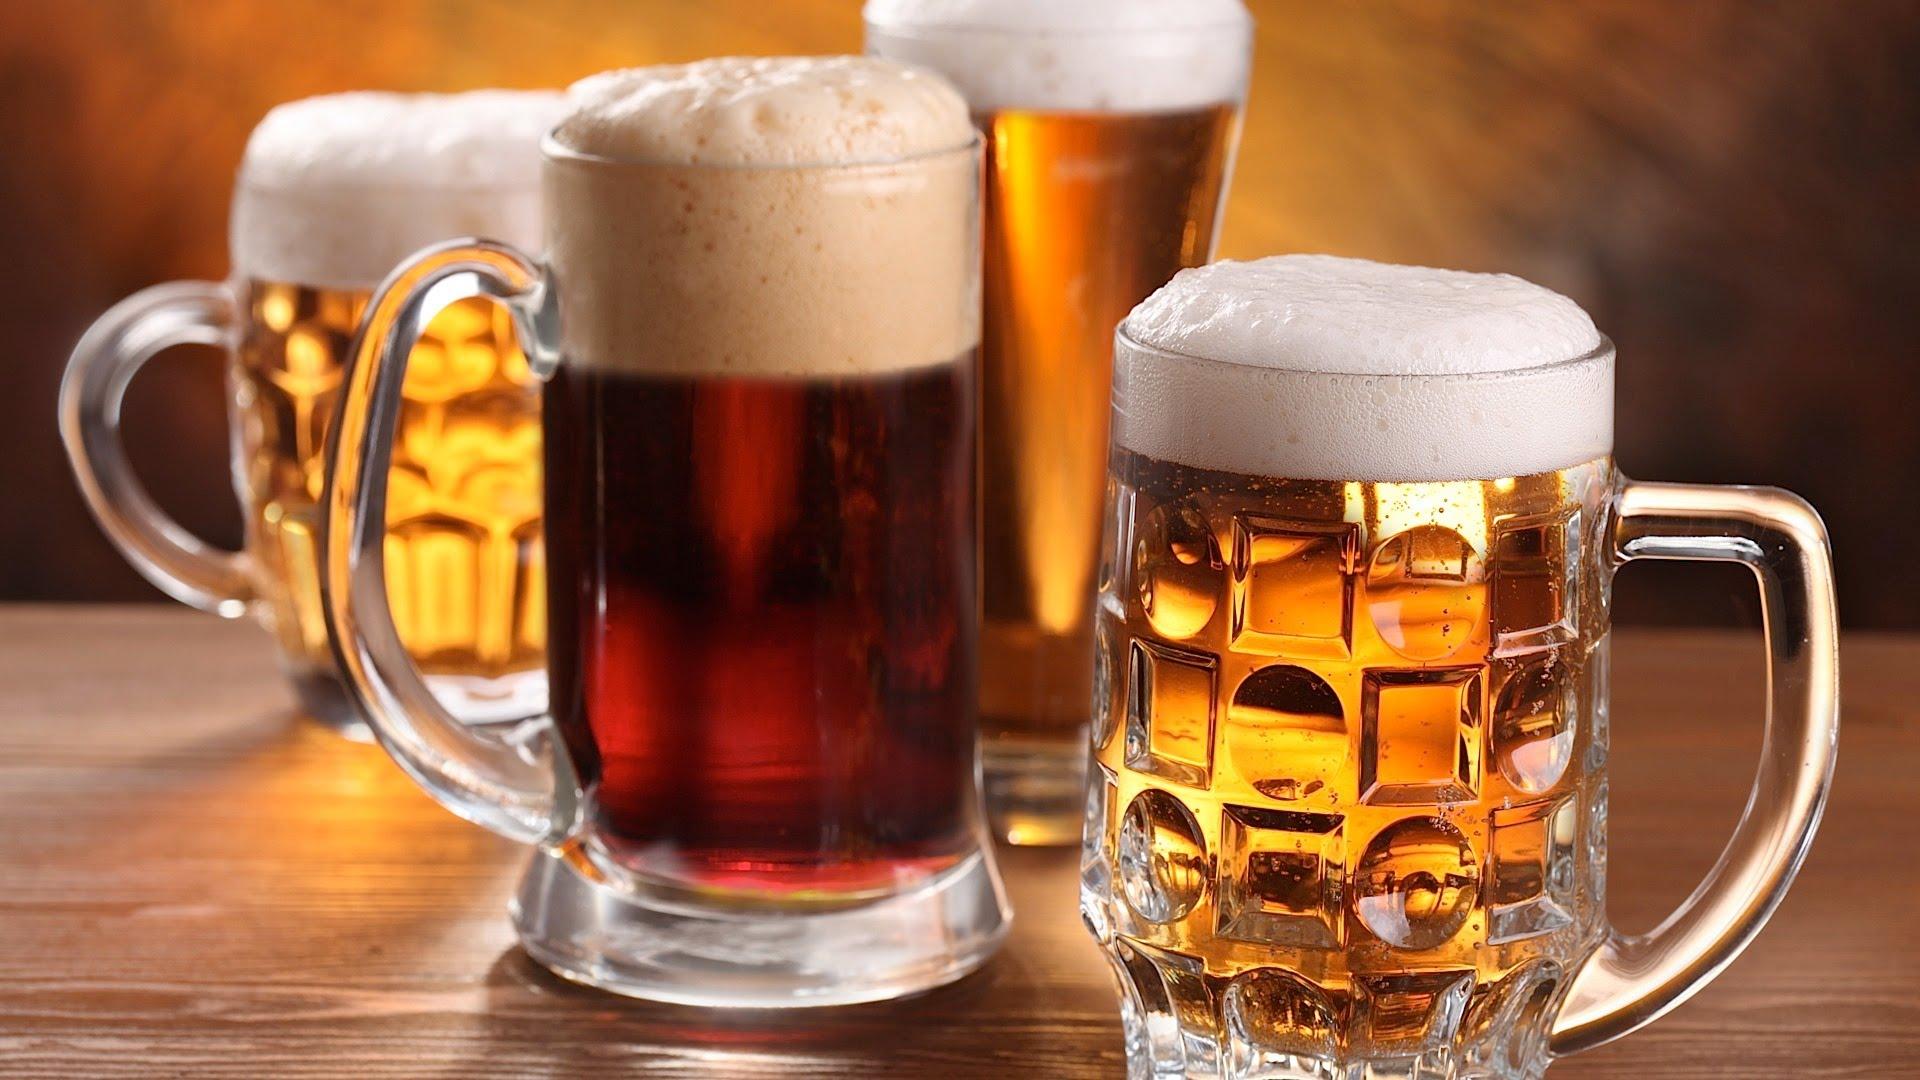 sör felállítása után)